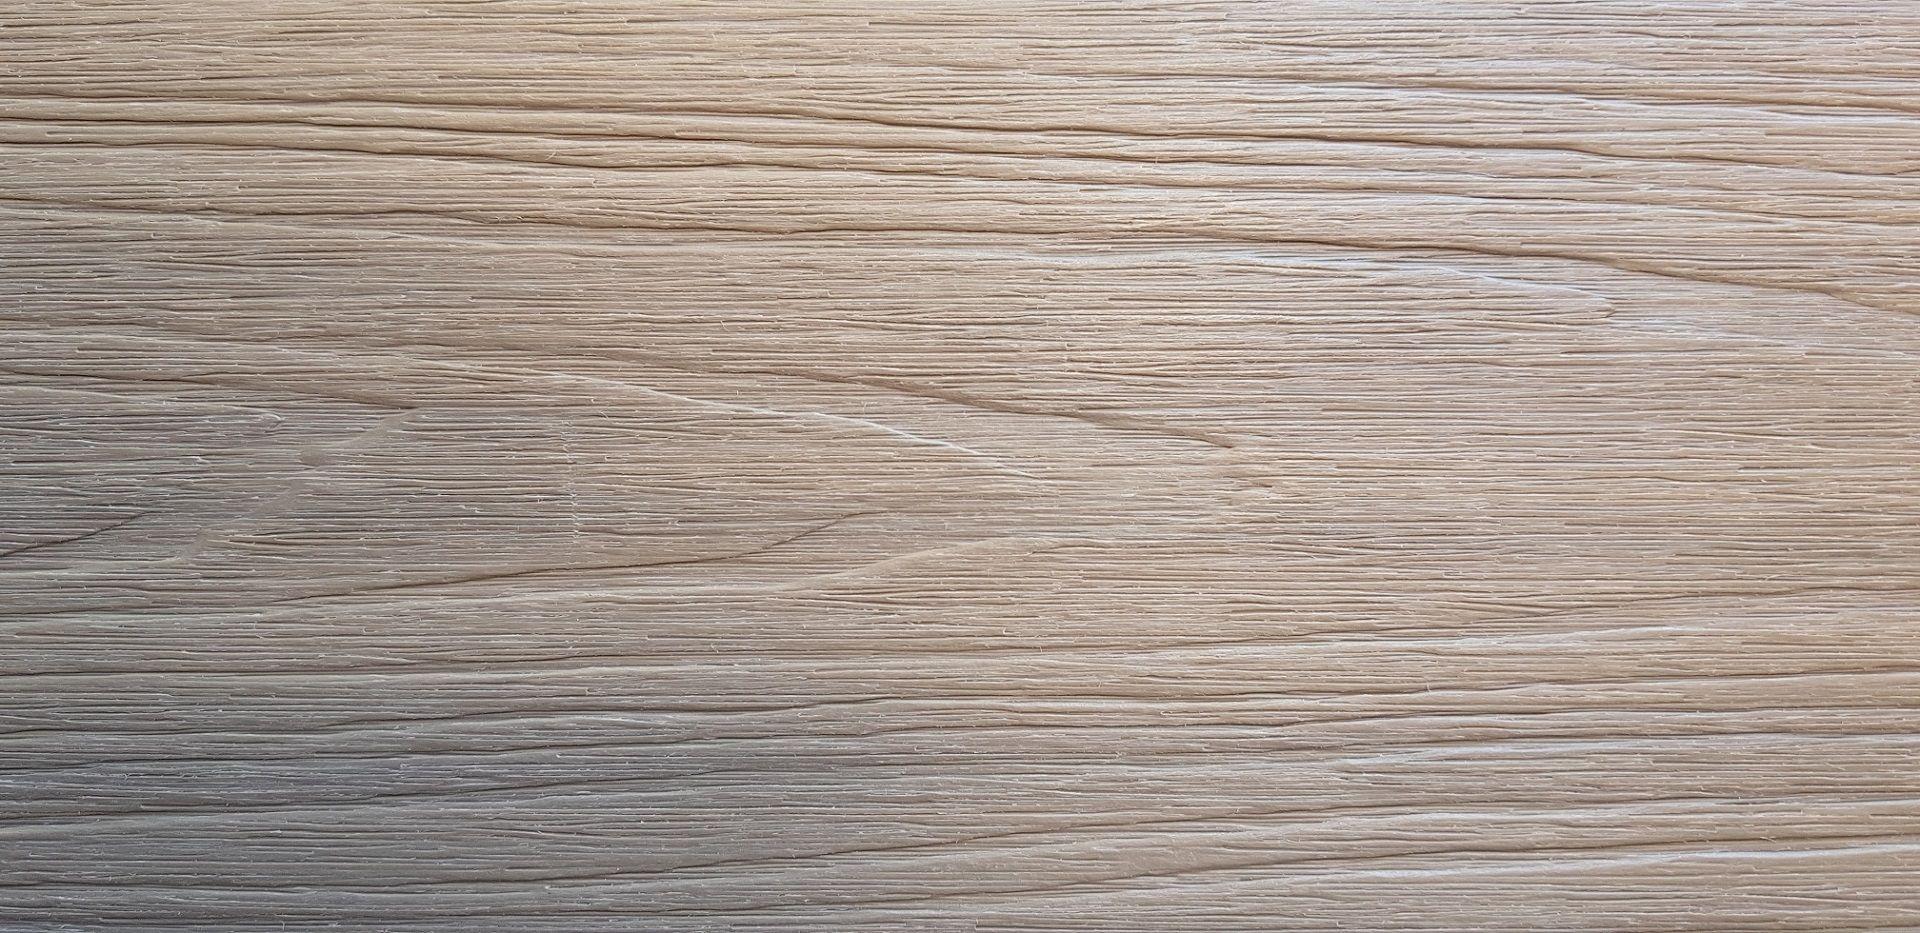 Muster WPC Terrassendiele 23 x 138 mm Hohlkammerdiele coextrudiert anthrazit 11,94 /€ // lfm